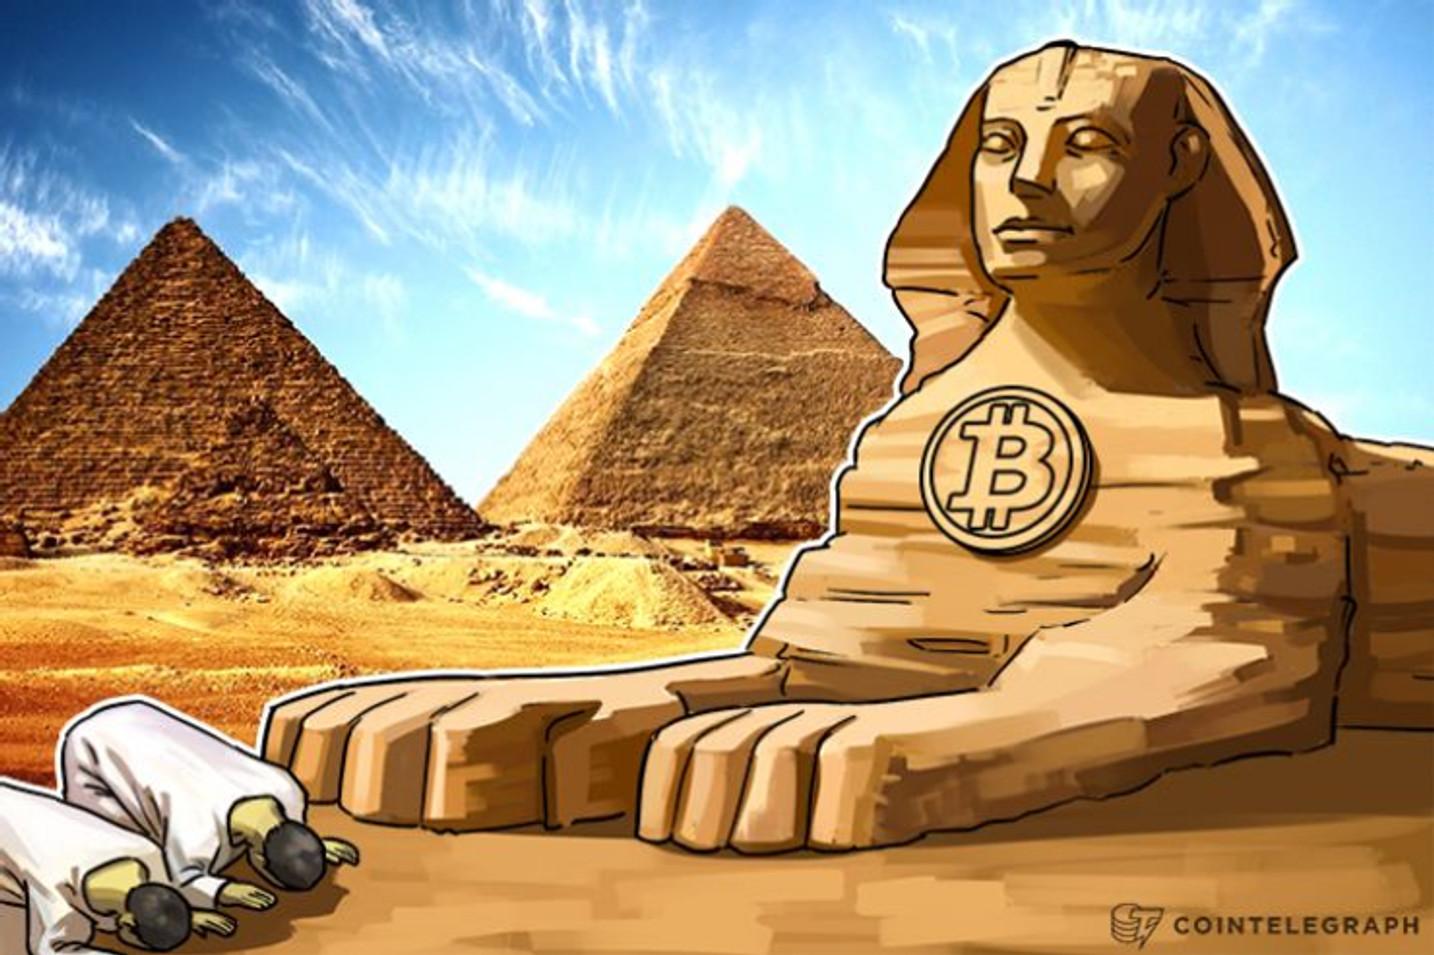 Justiça nega liminar e mantém Bitofertas e Bitpago como réus em processo da Minerworld